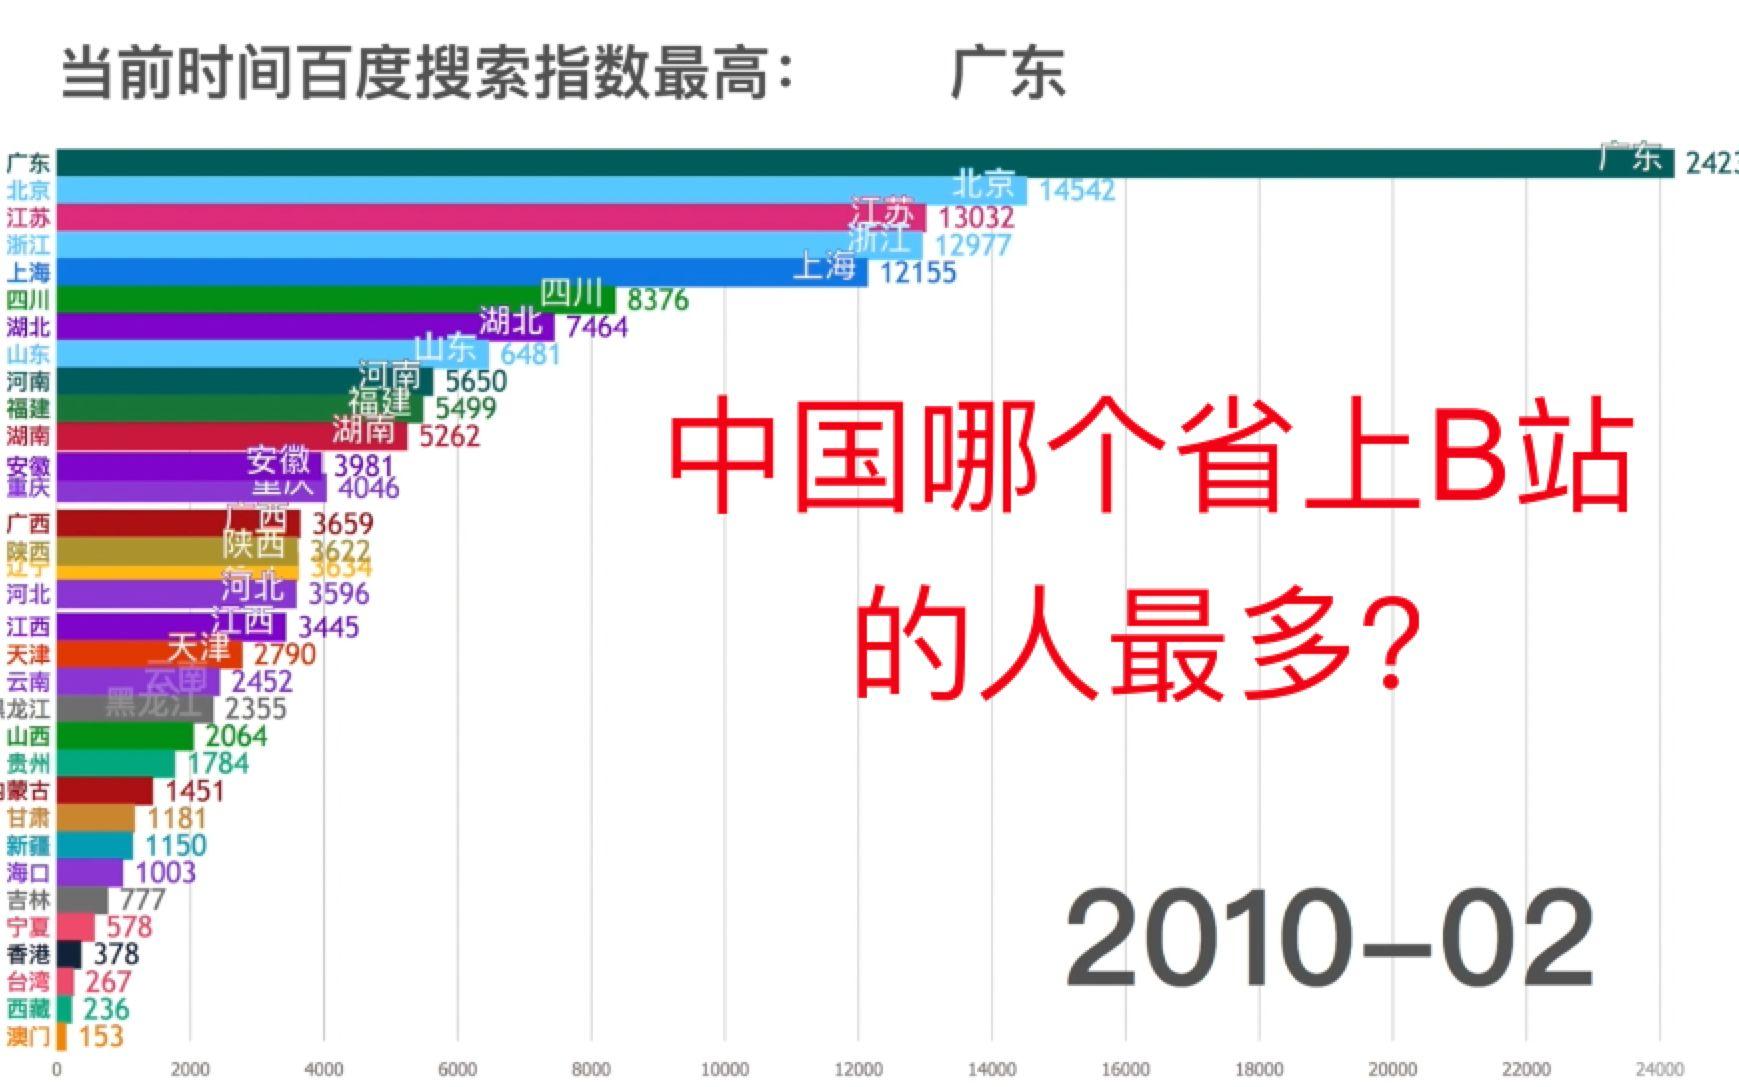 中国哪个省上B站的人最多?进来看看就知道了